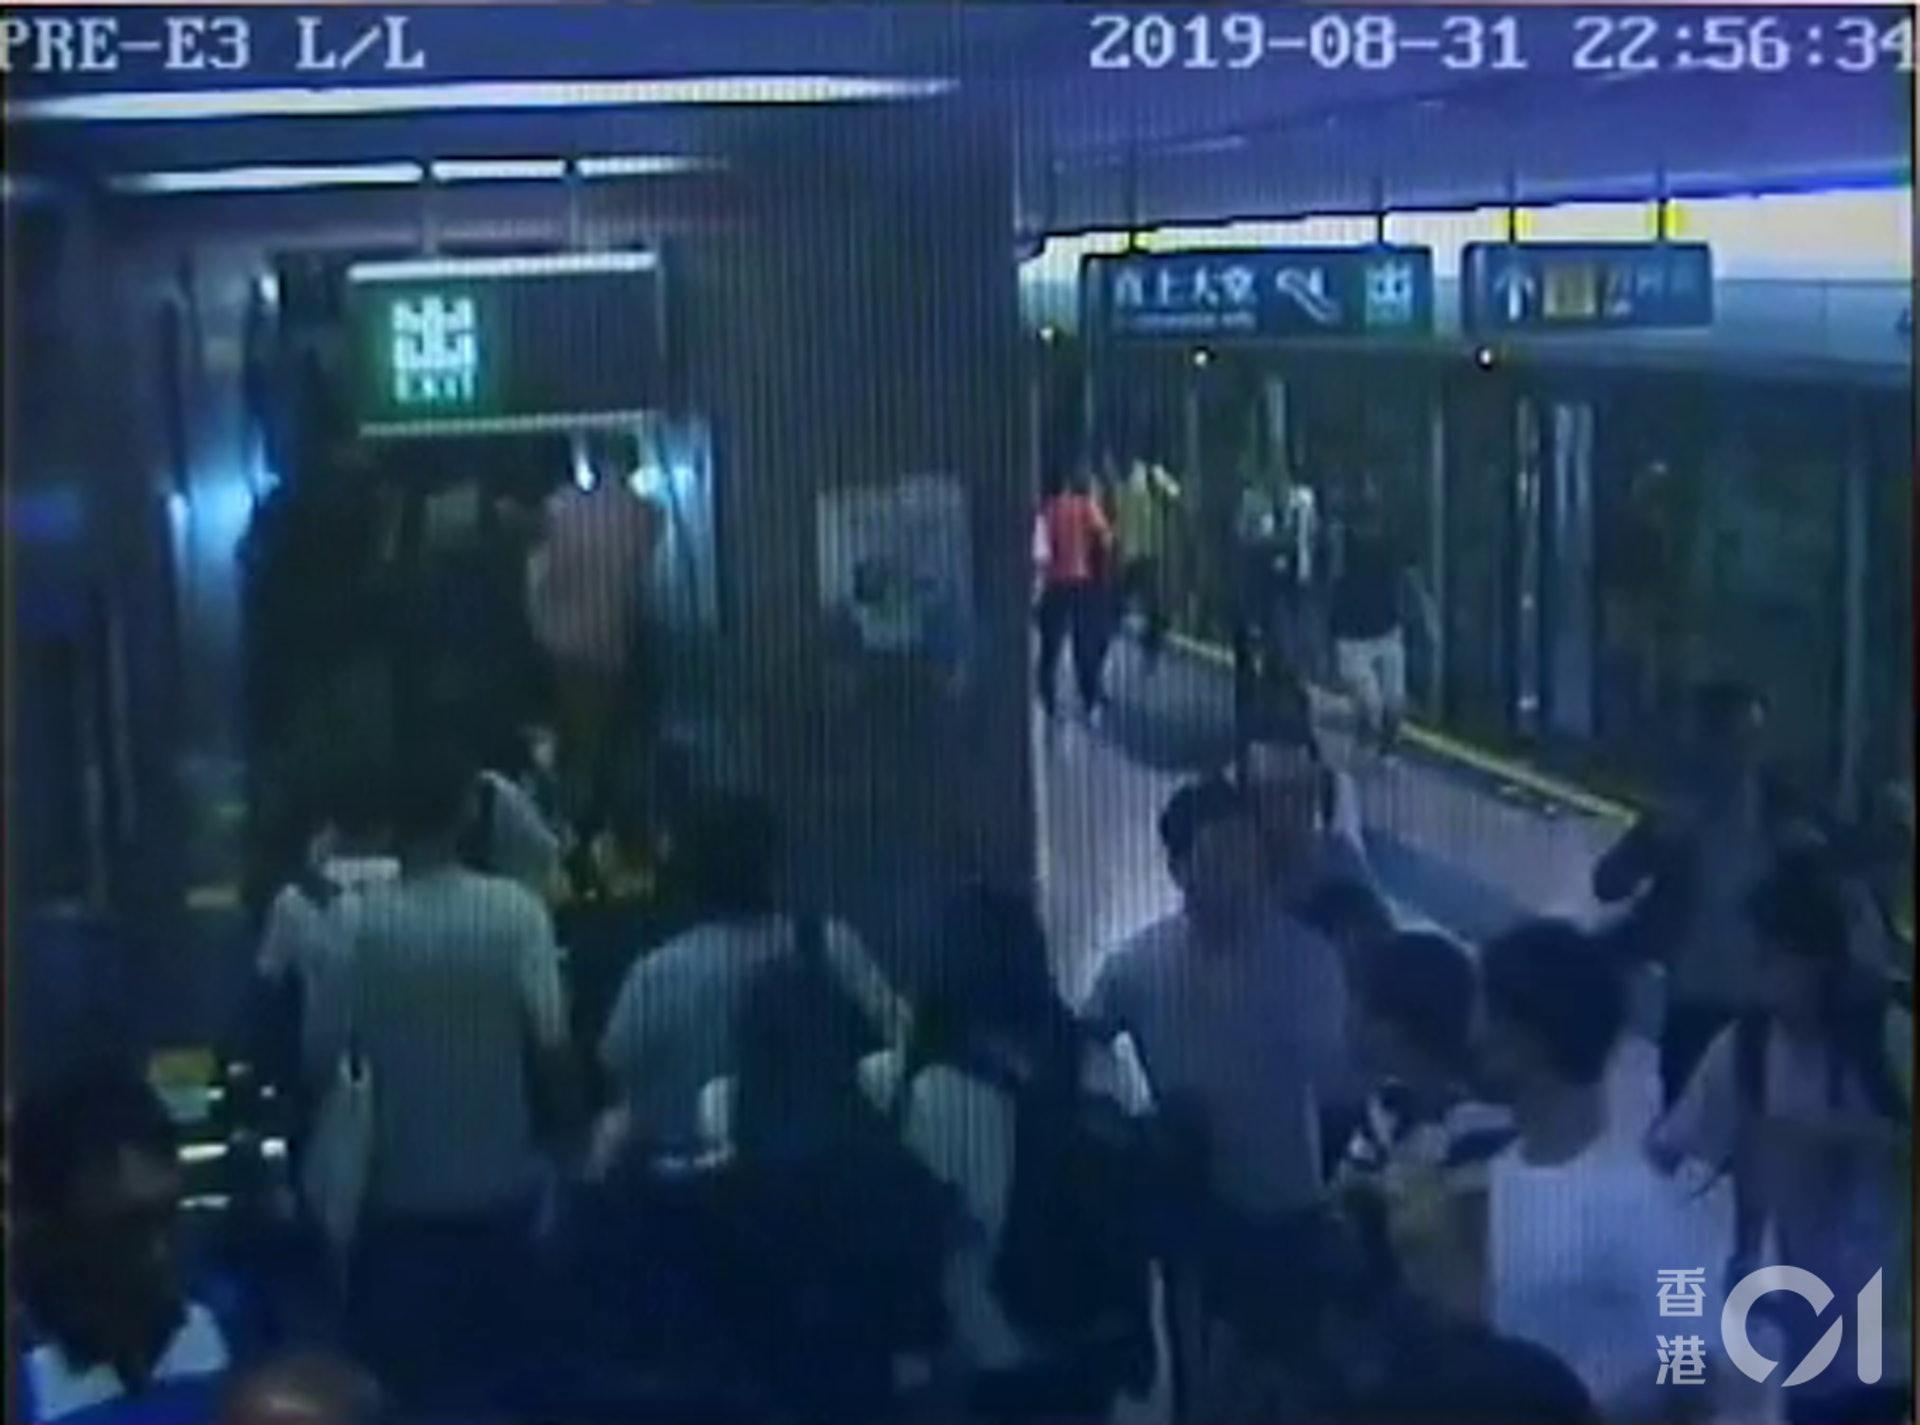 片段可見,當時突然有大批人奔跑逃避。(太子站CCTV截圖)